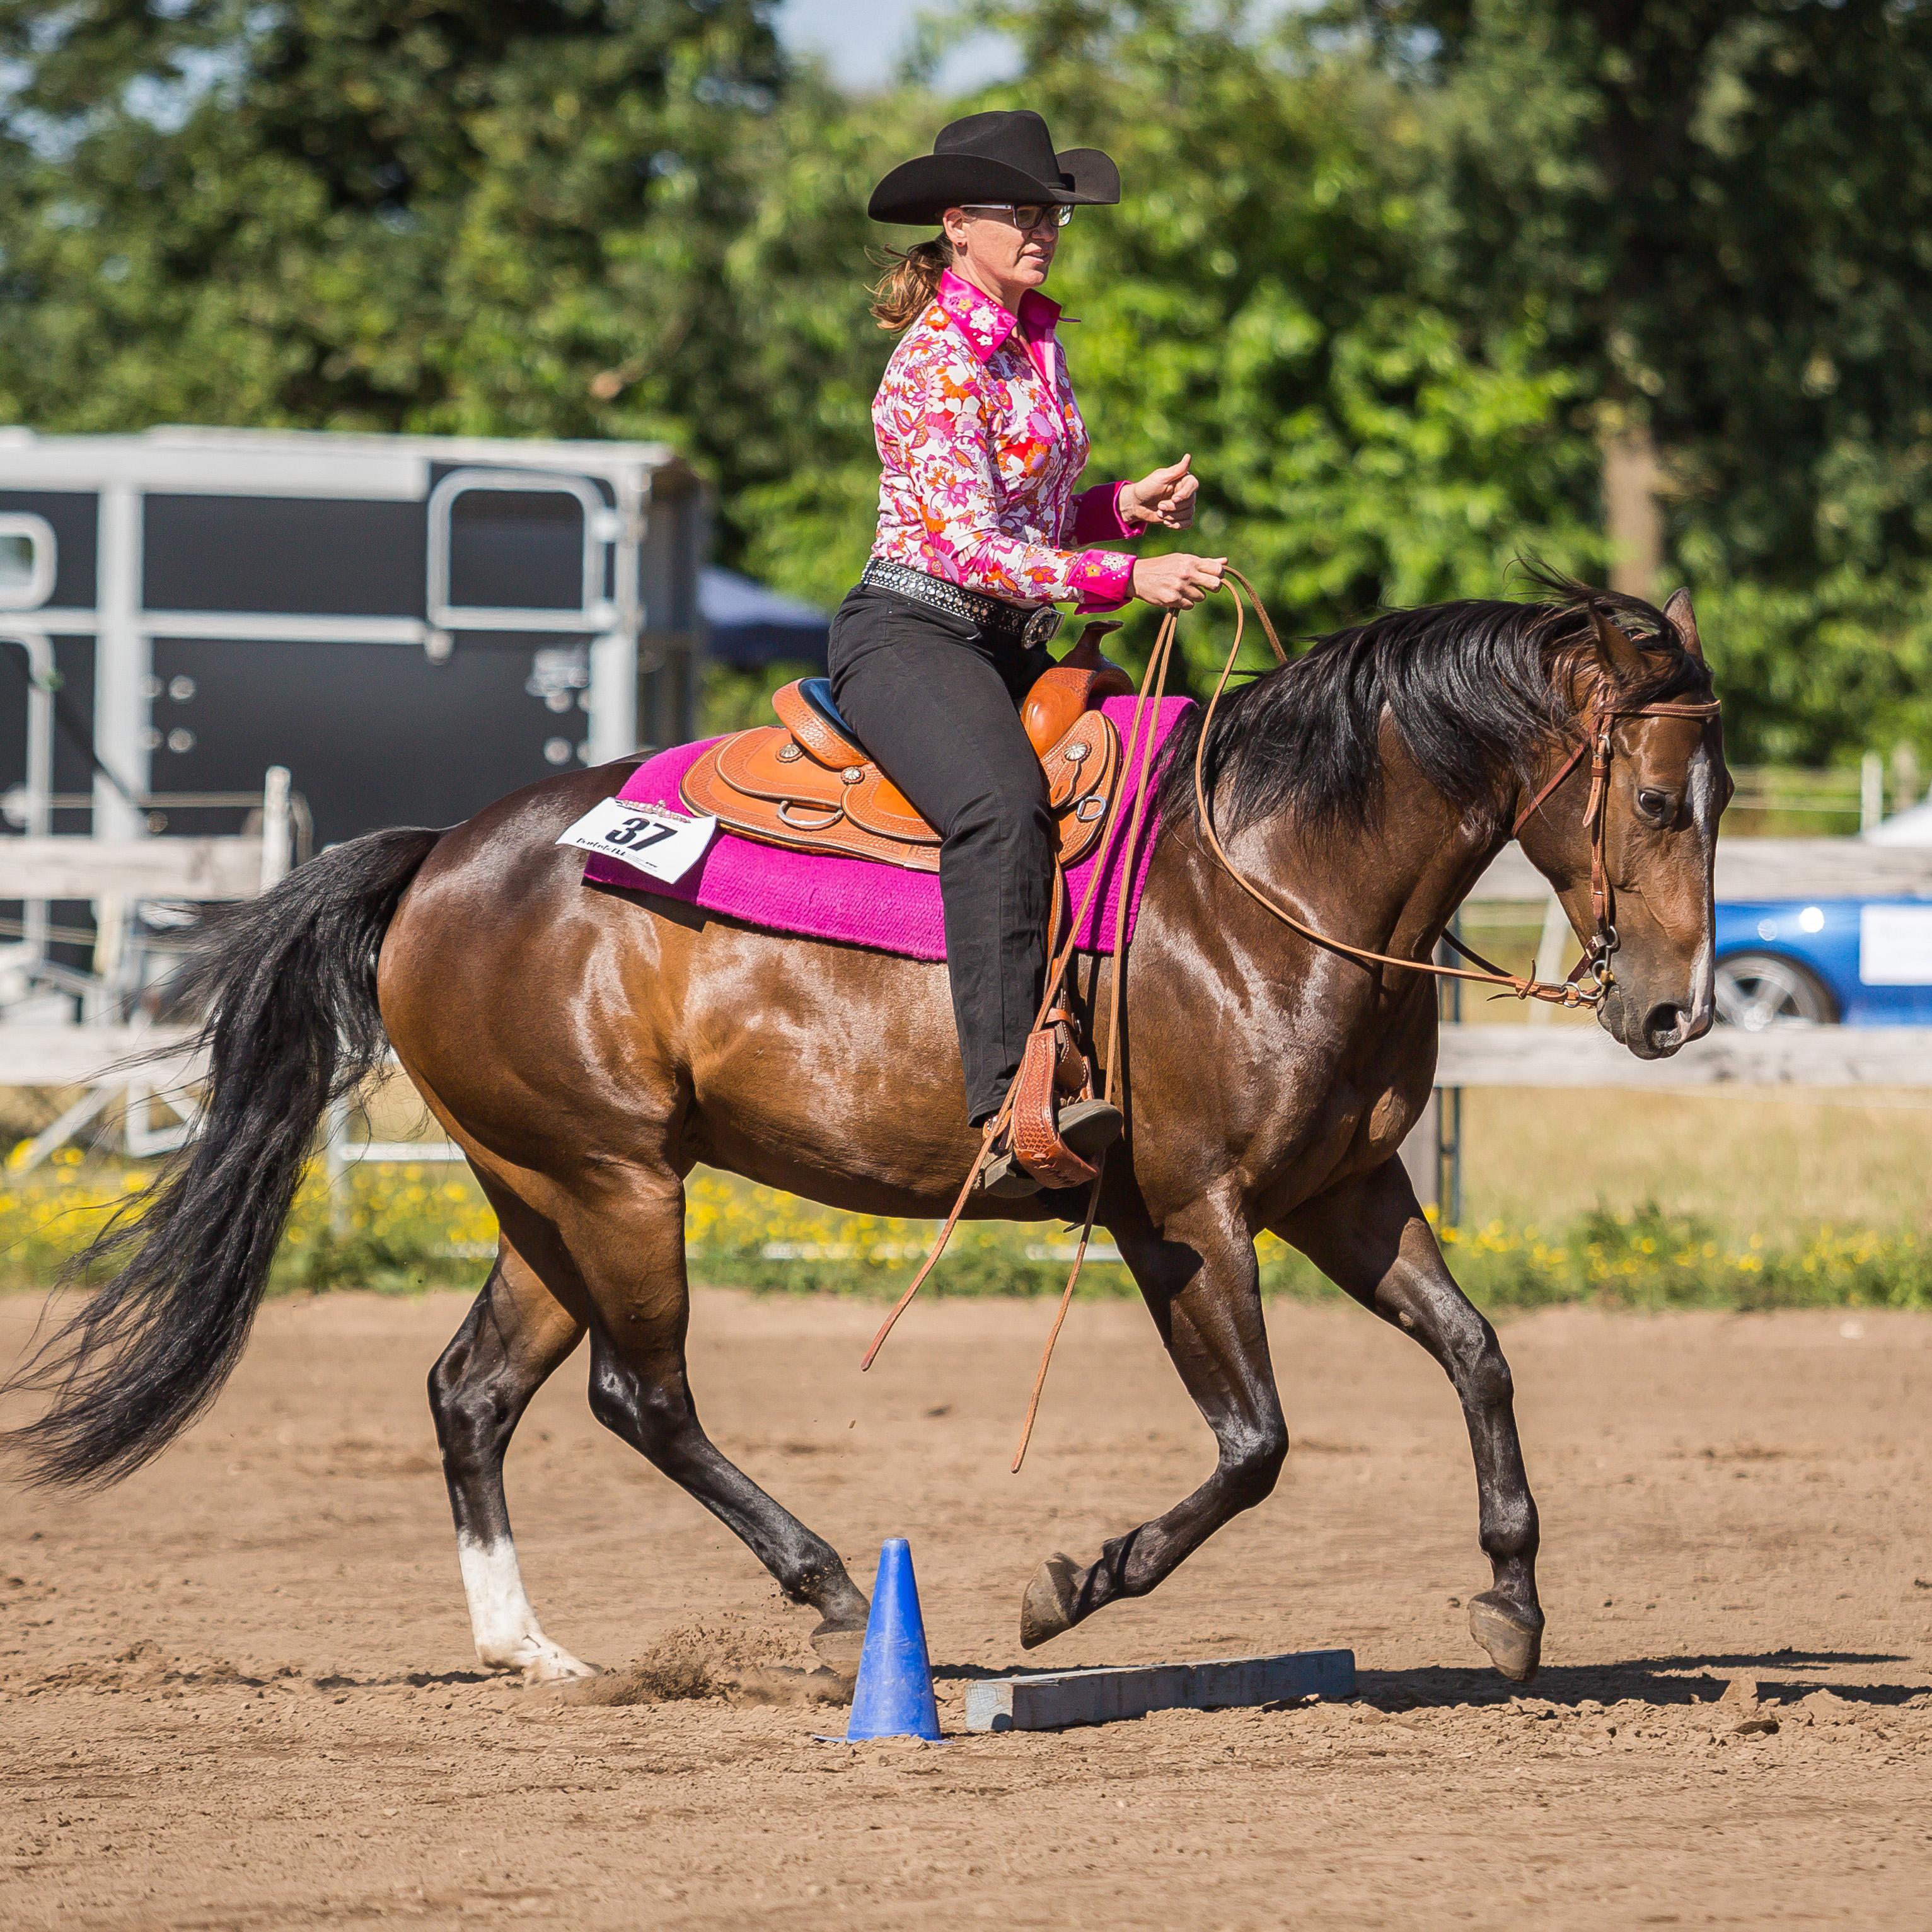 Turniervorbereitung mit Videoanalyse (in Anlehnung an das Horsemanship Symposium)